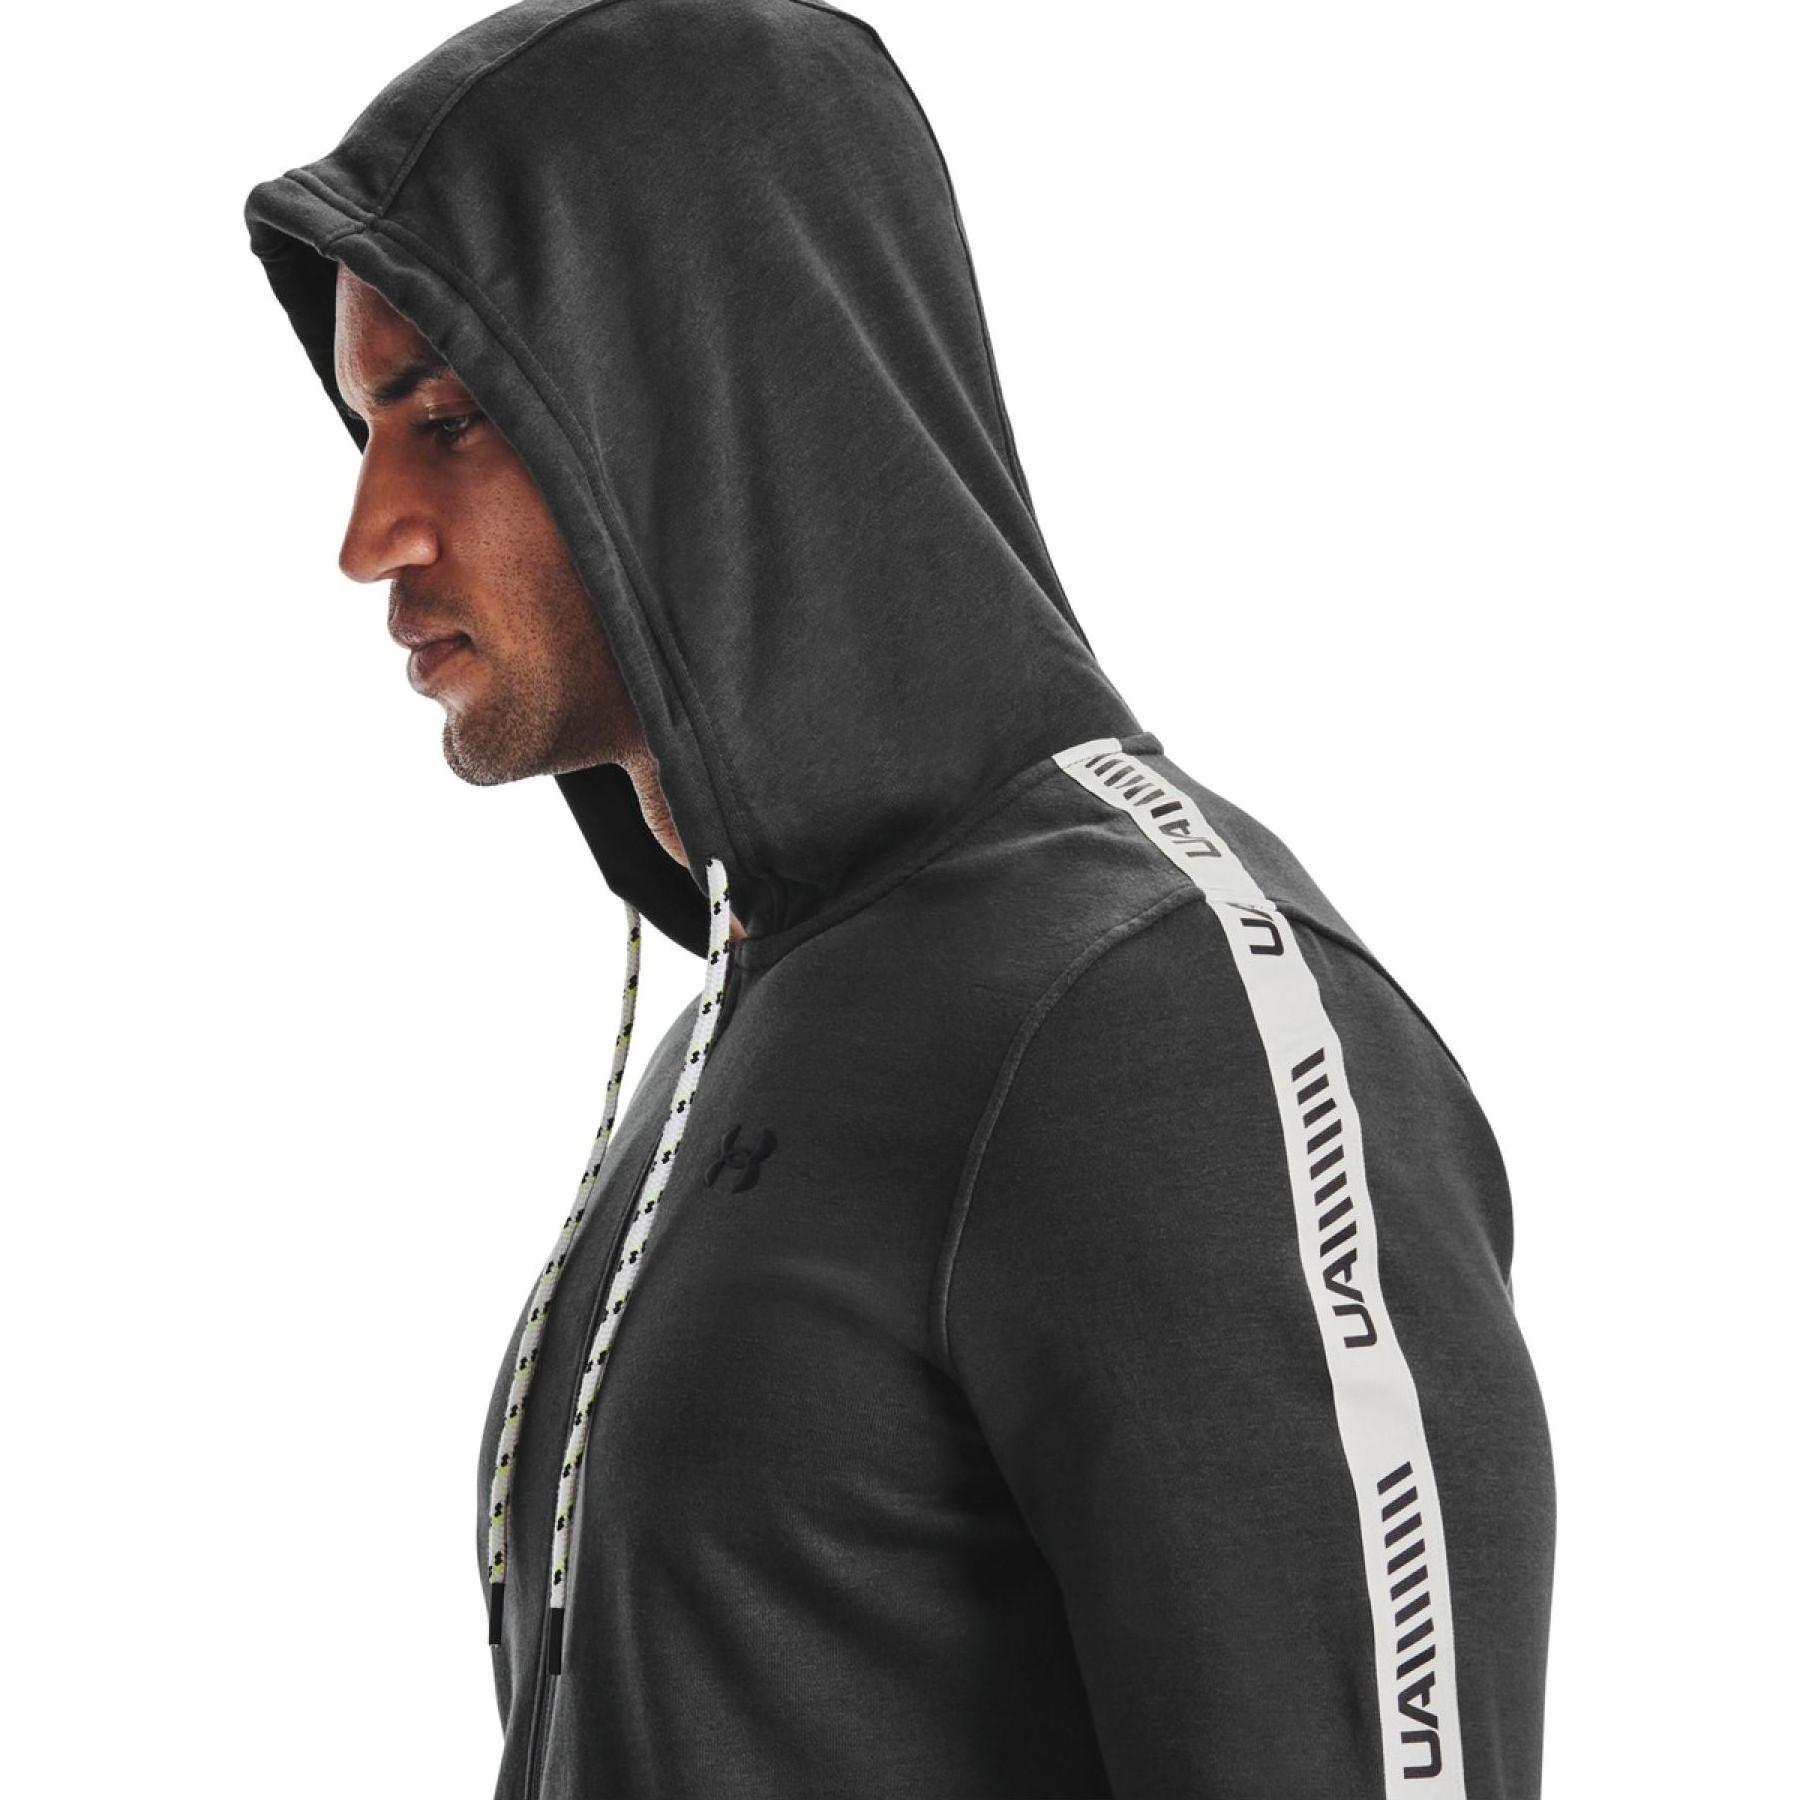 Îmbrăcăminte -  under armour Rival Terry full zip